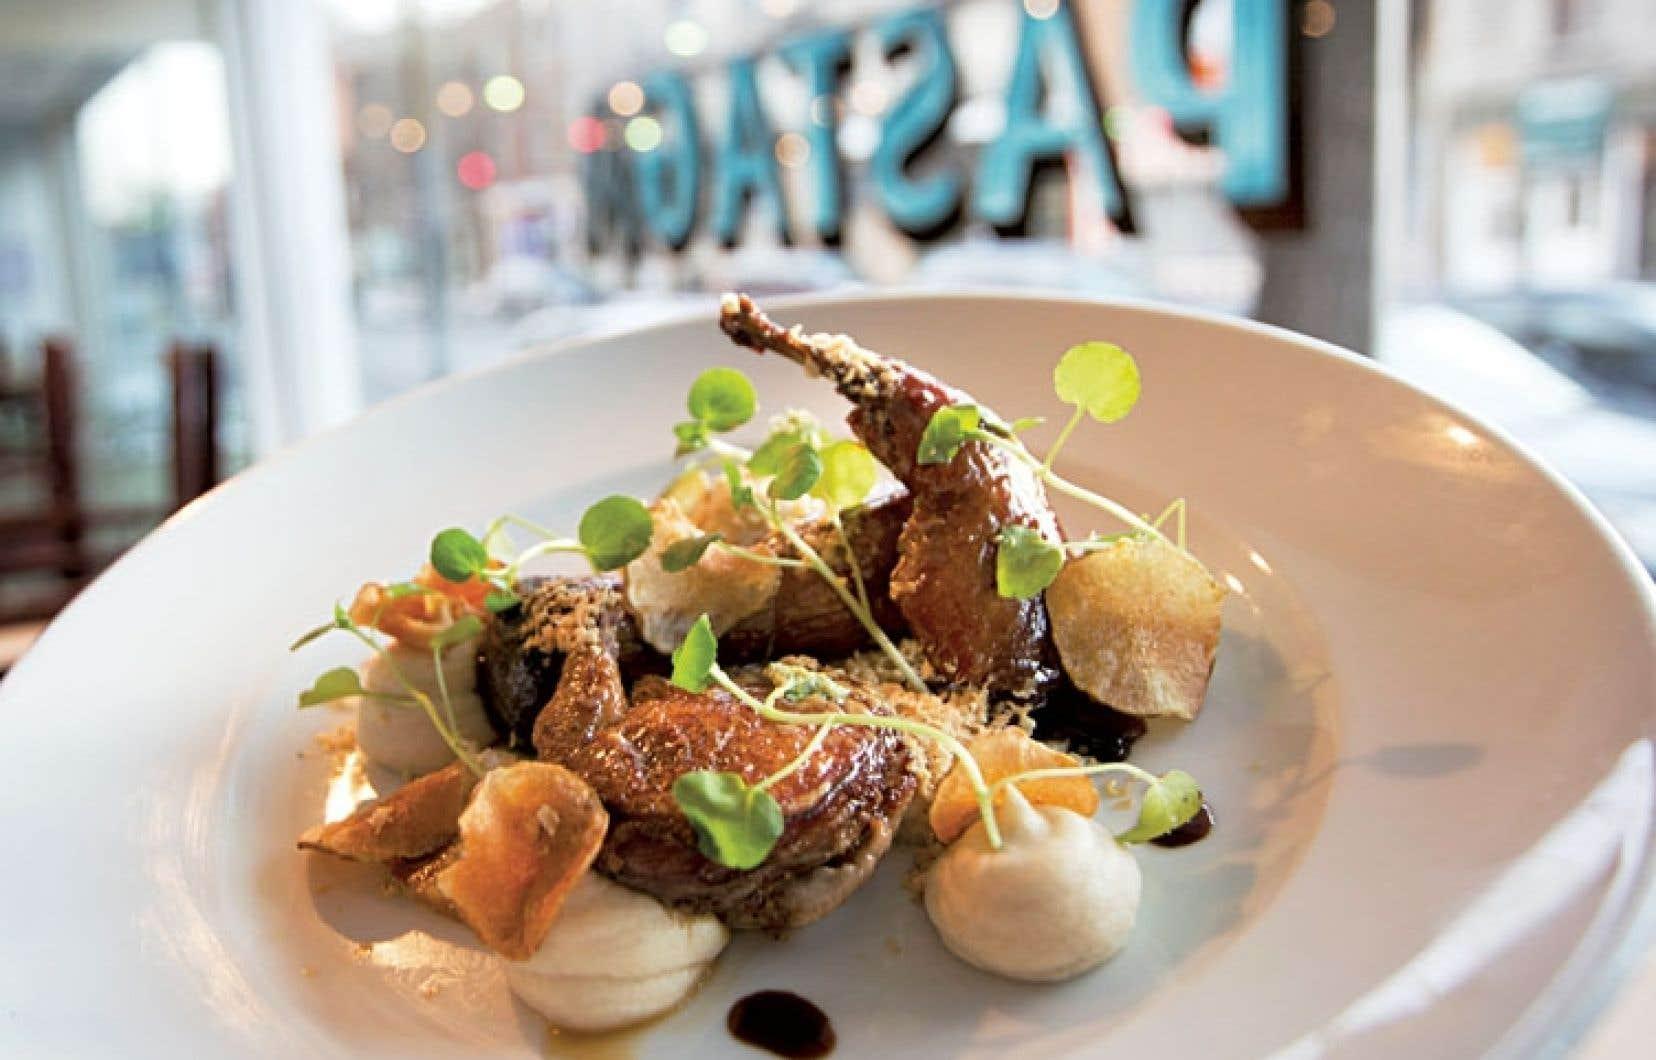 Pastaga offre une cuisine correspondant à ce qu'on s'attend à trouver chez Martin Juneau, qui trouve toujours le moyen de préparer des plats étonnants.